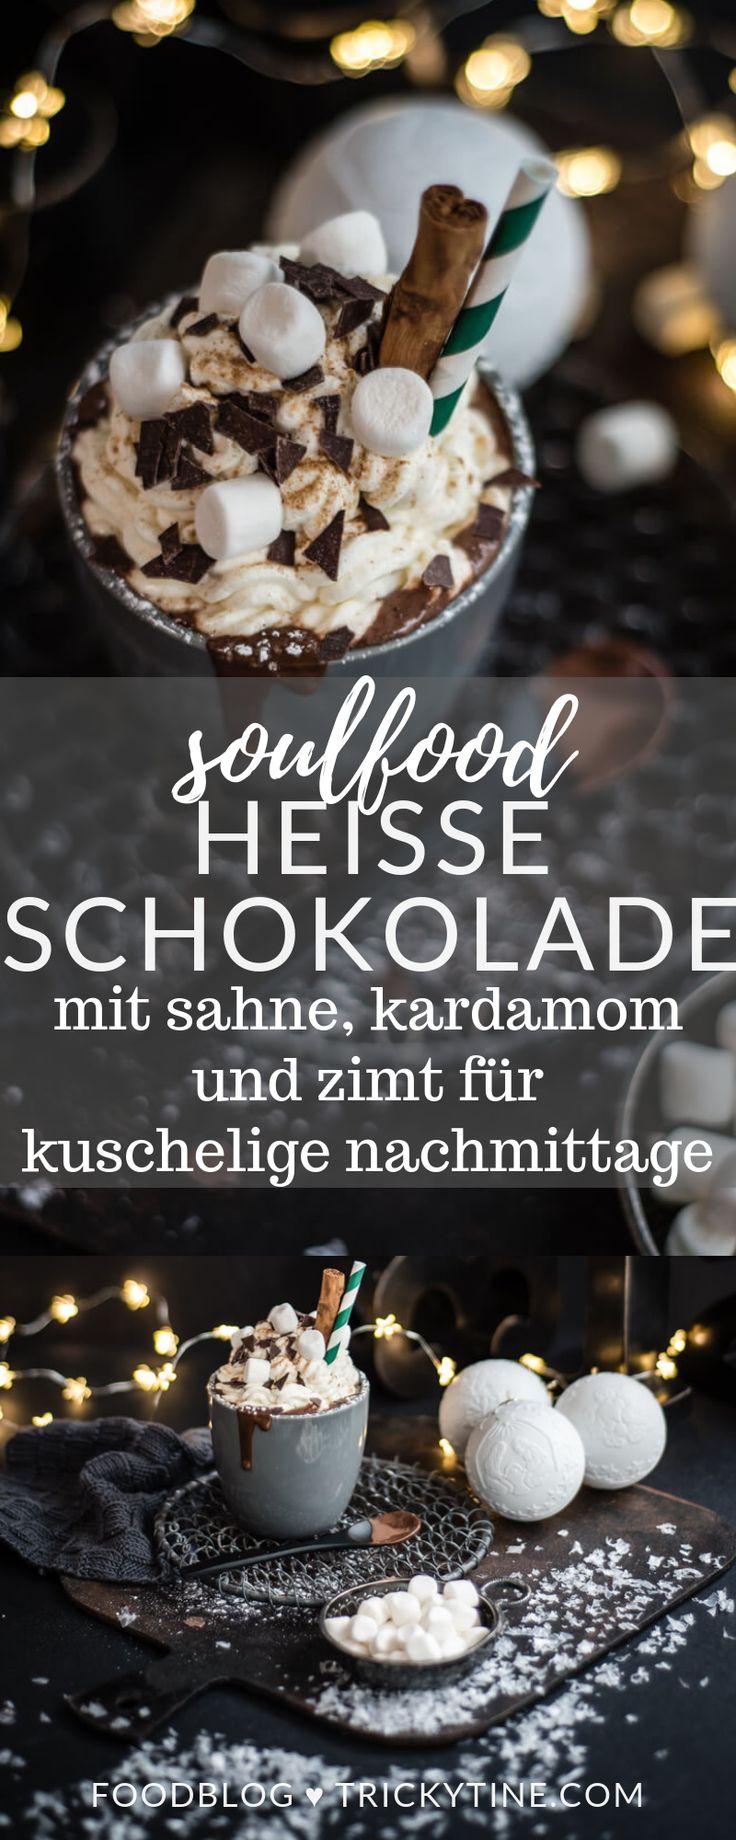 Heiße Schokolade mit Sahne, Zimt und Kardamom   – European Cakes and Pasteries